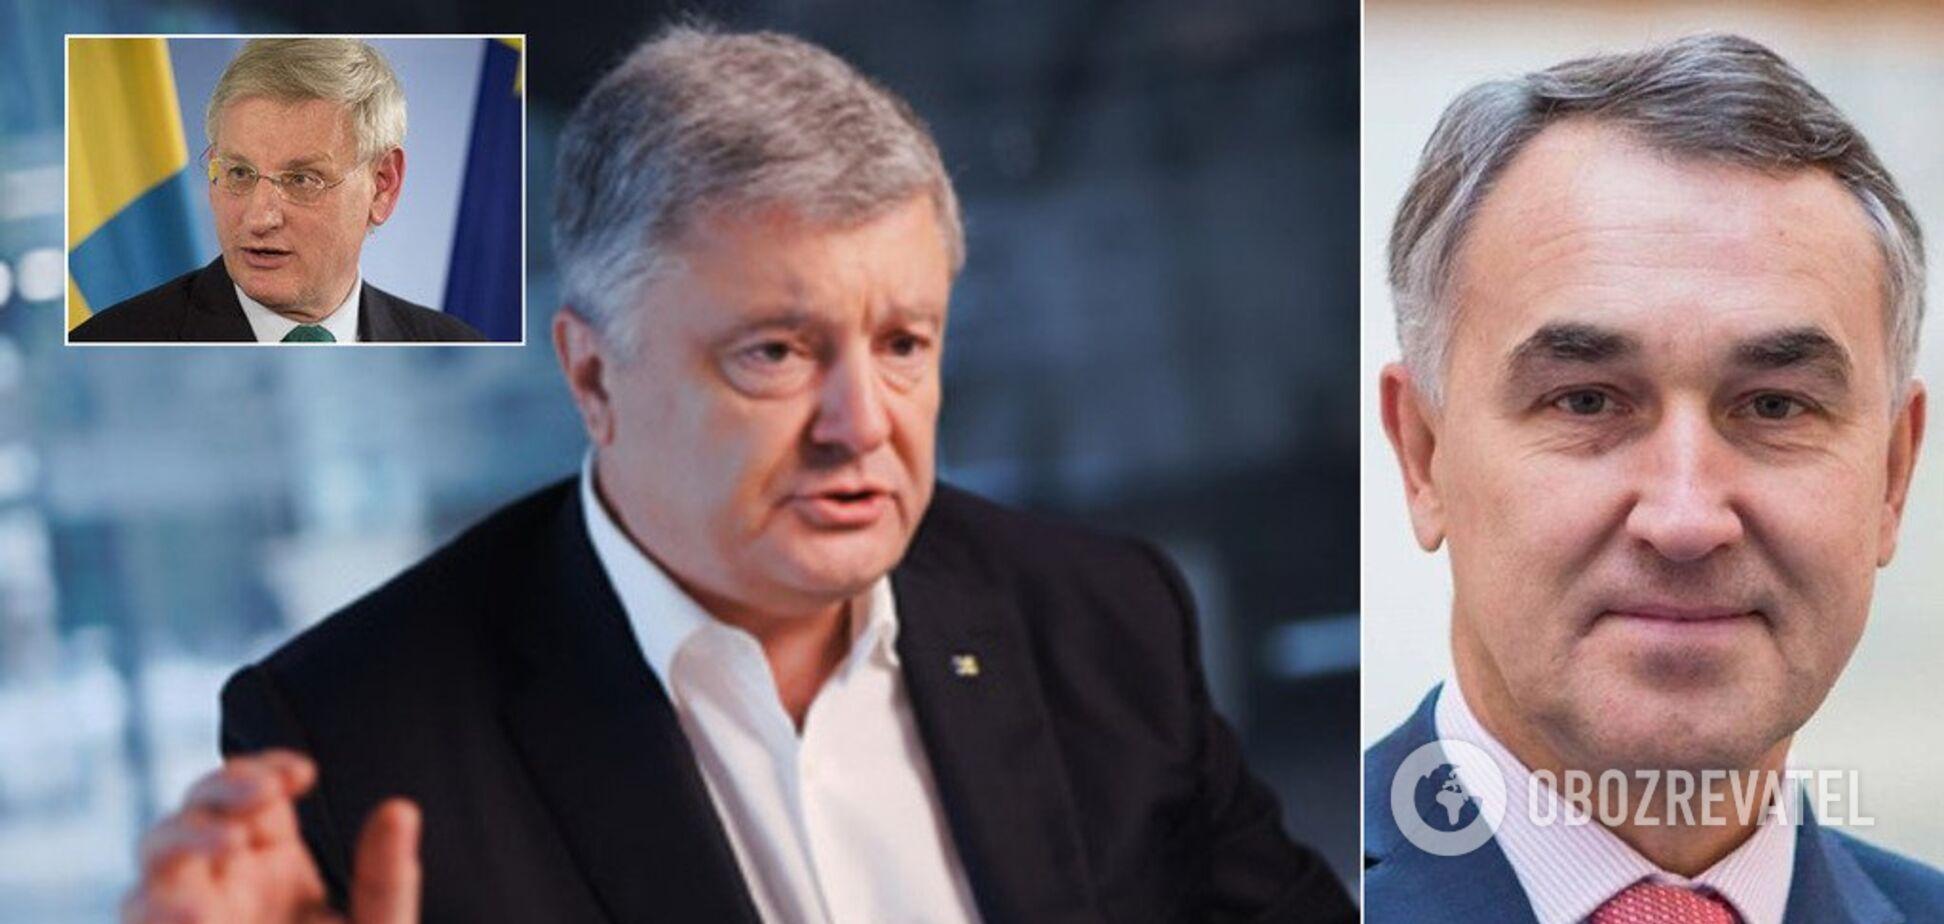 'Политически мотивированные шаги!' В Европе осудили преследования Порошенко